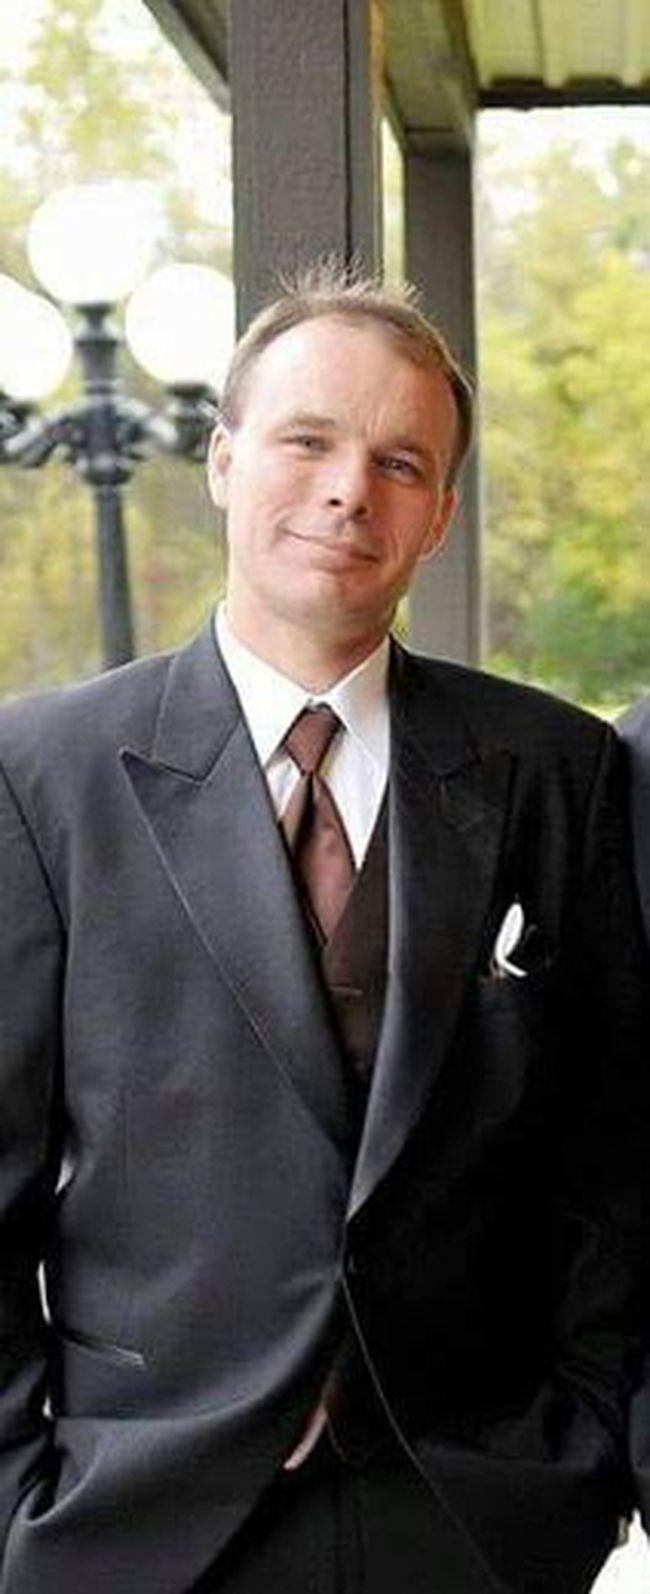 Shane Sturgess